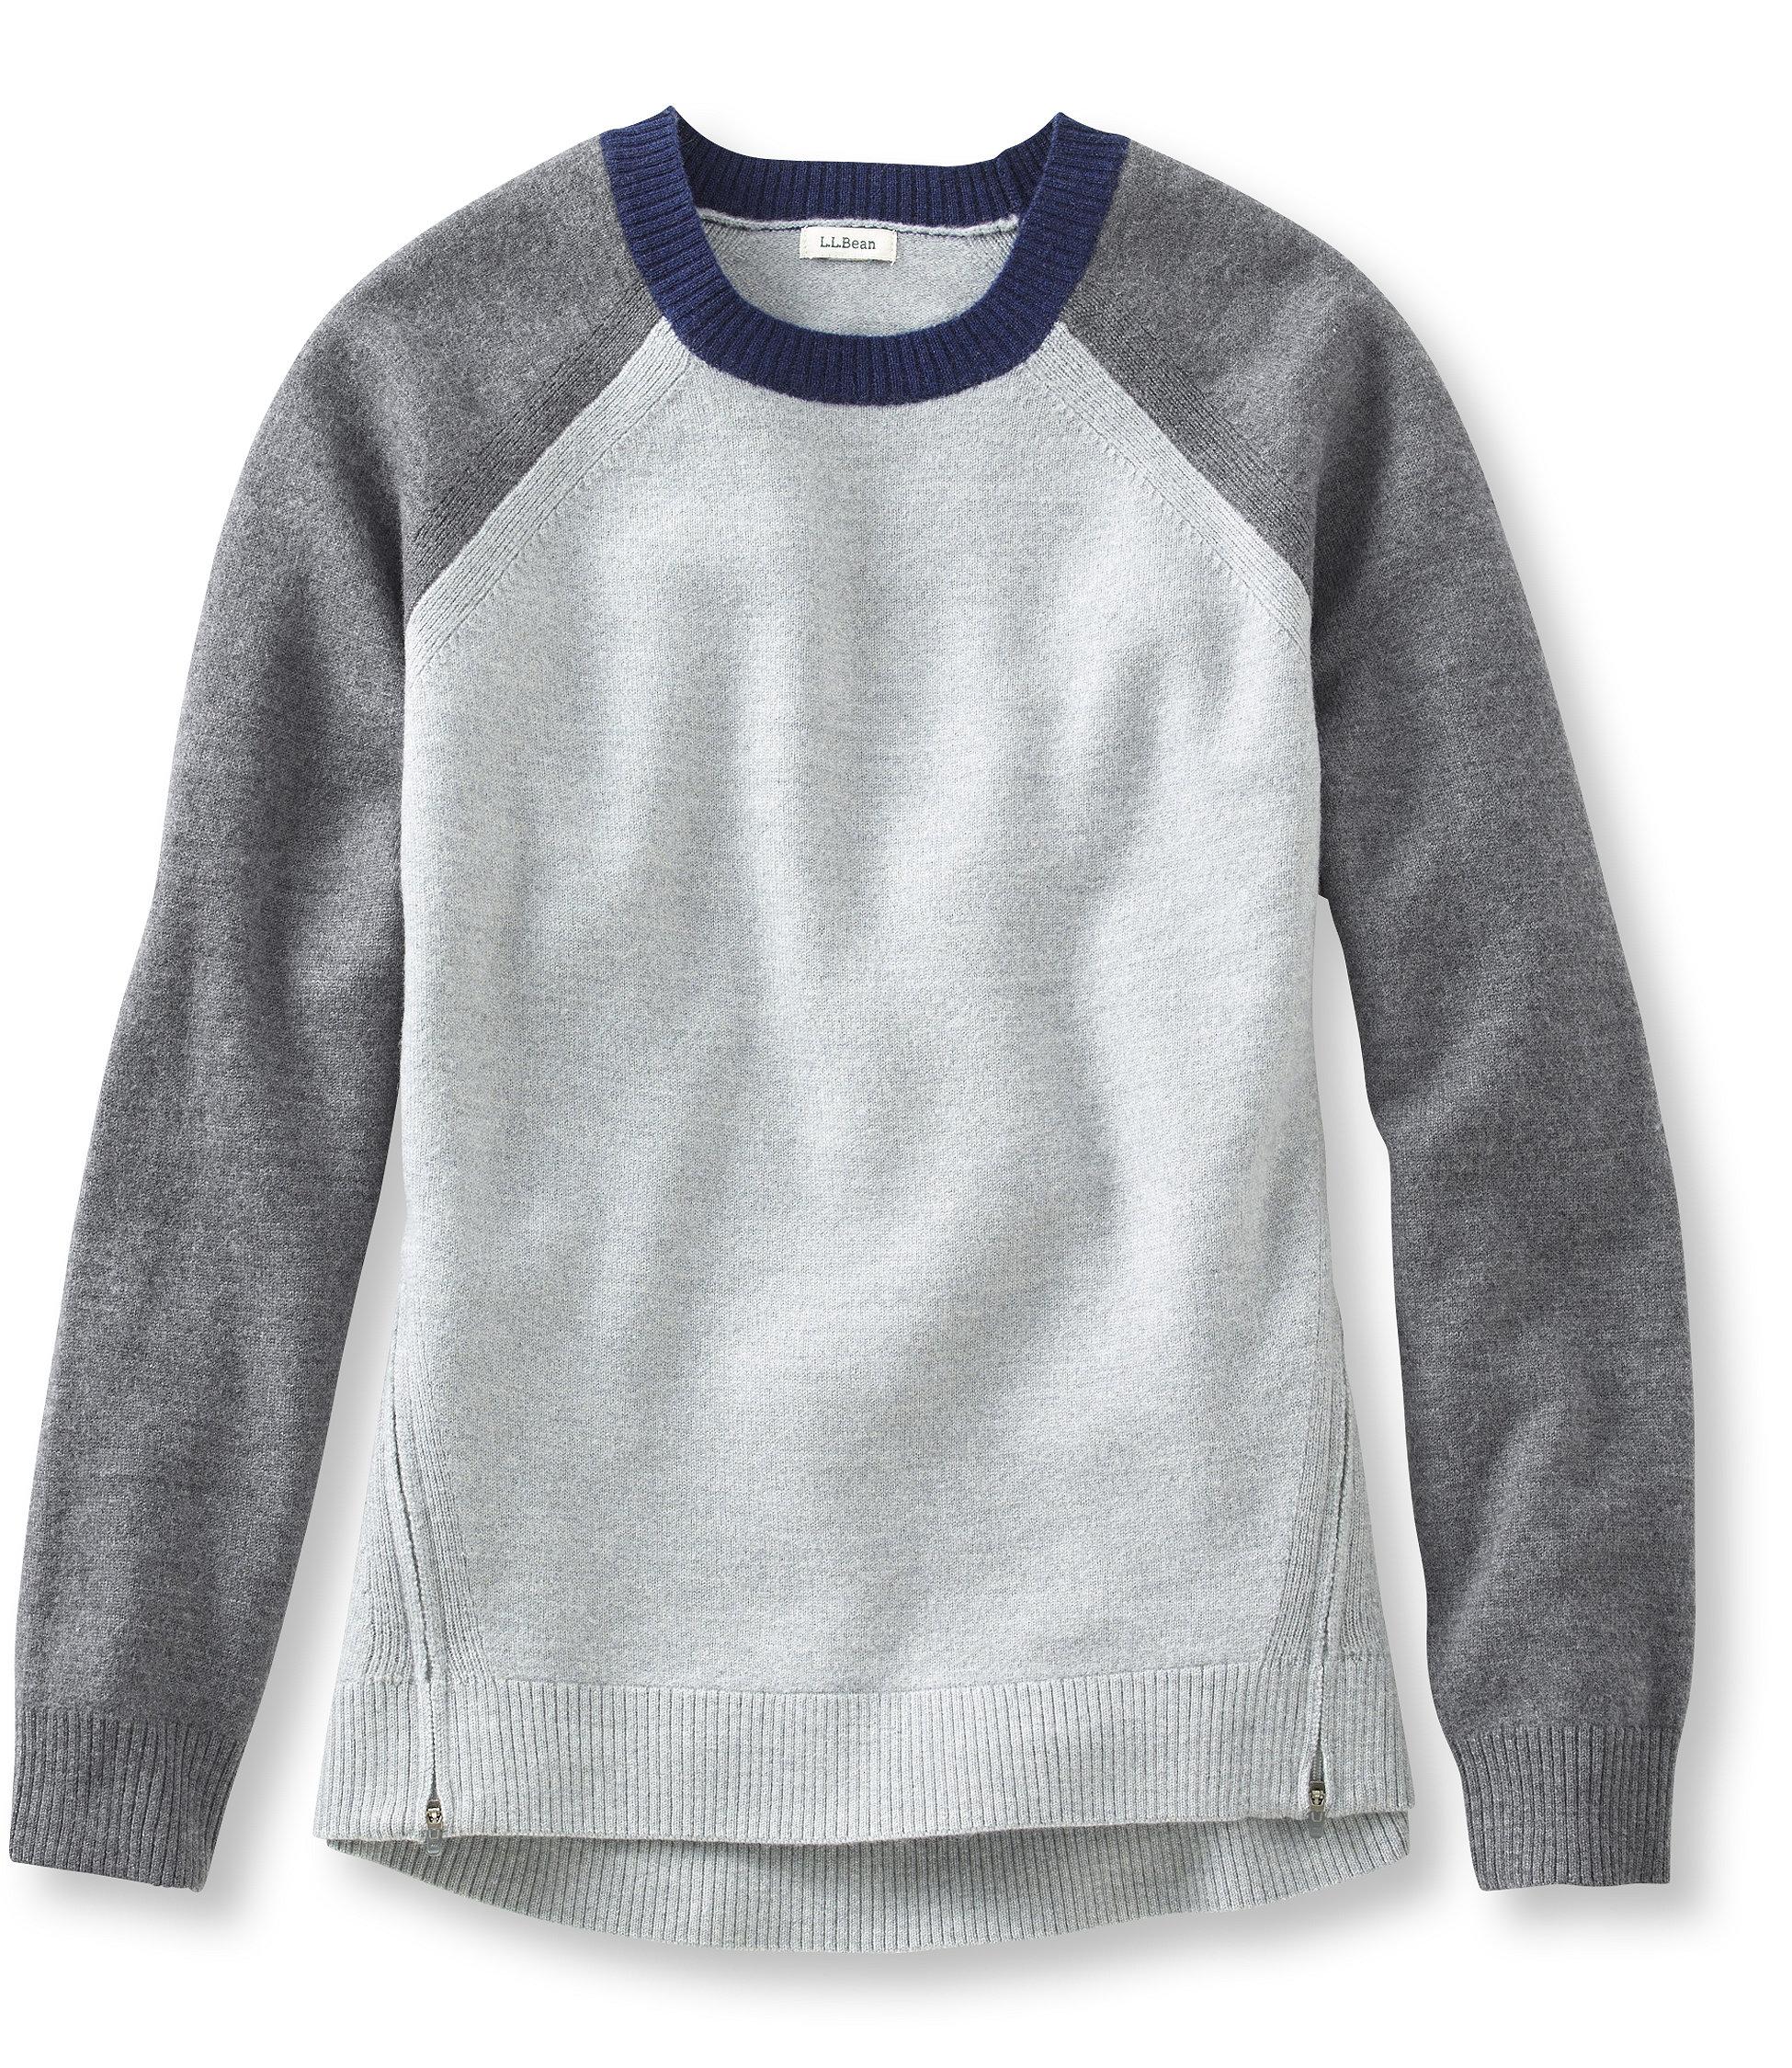 L.L.Bean Snow Pass Wool Sweater